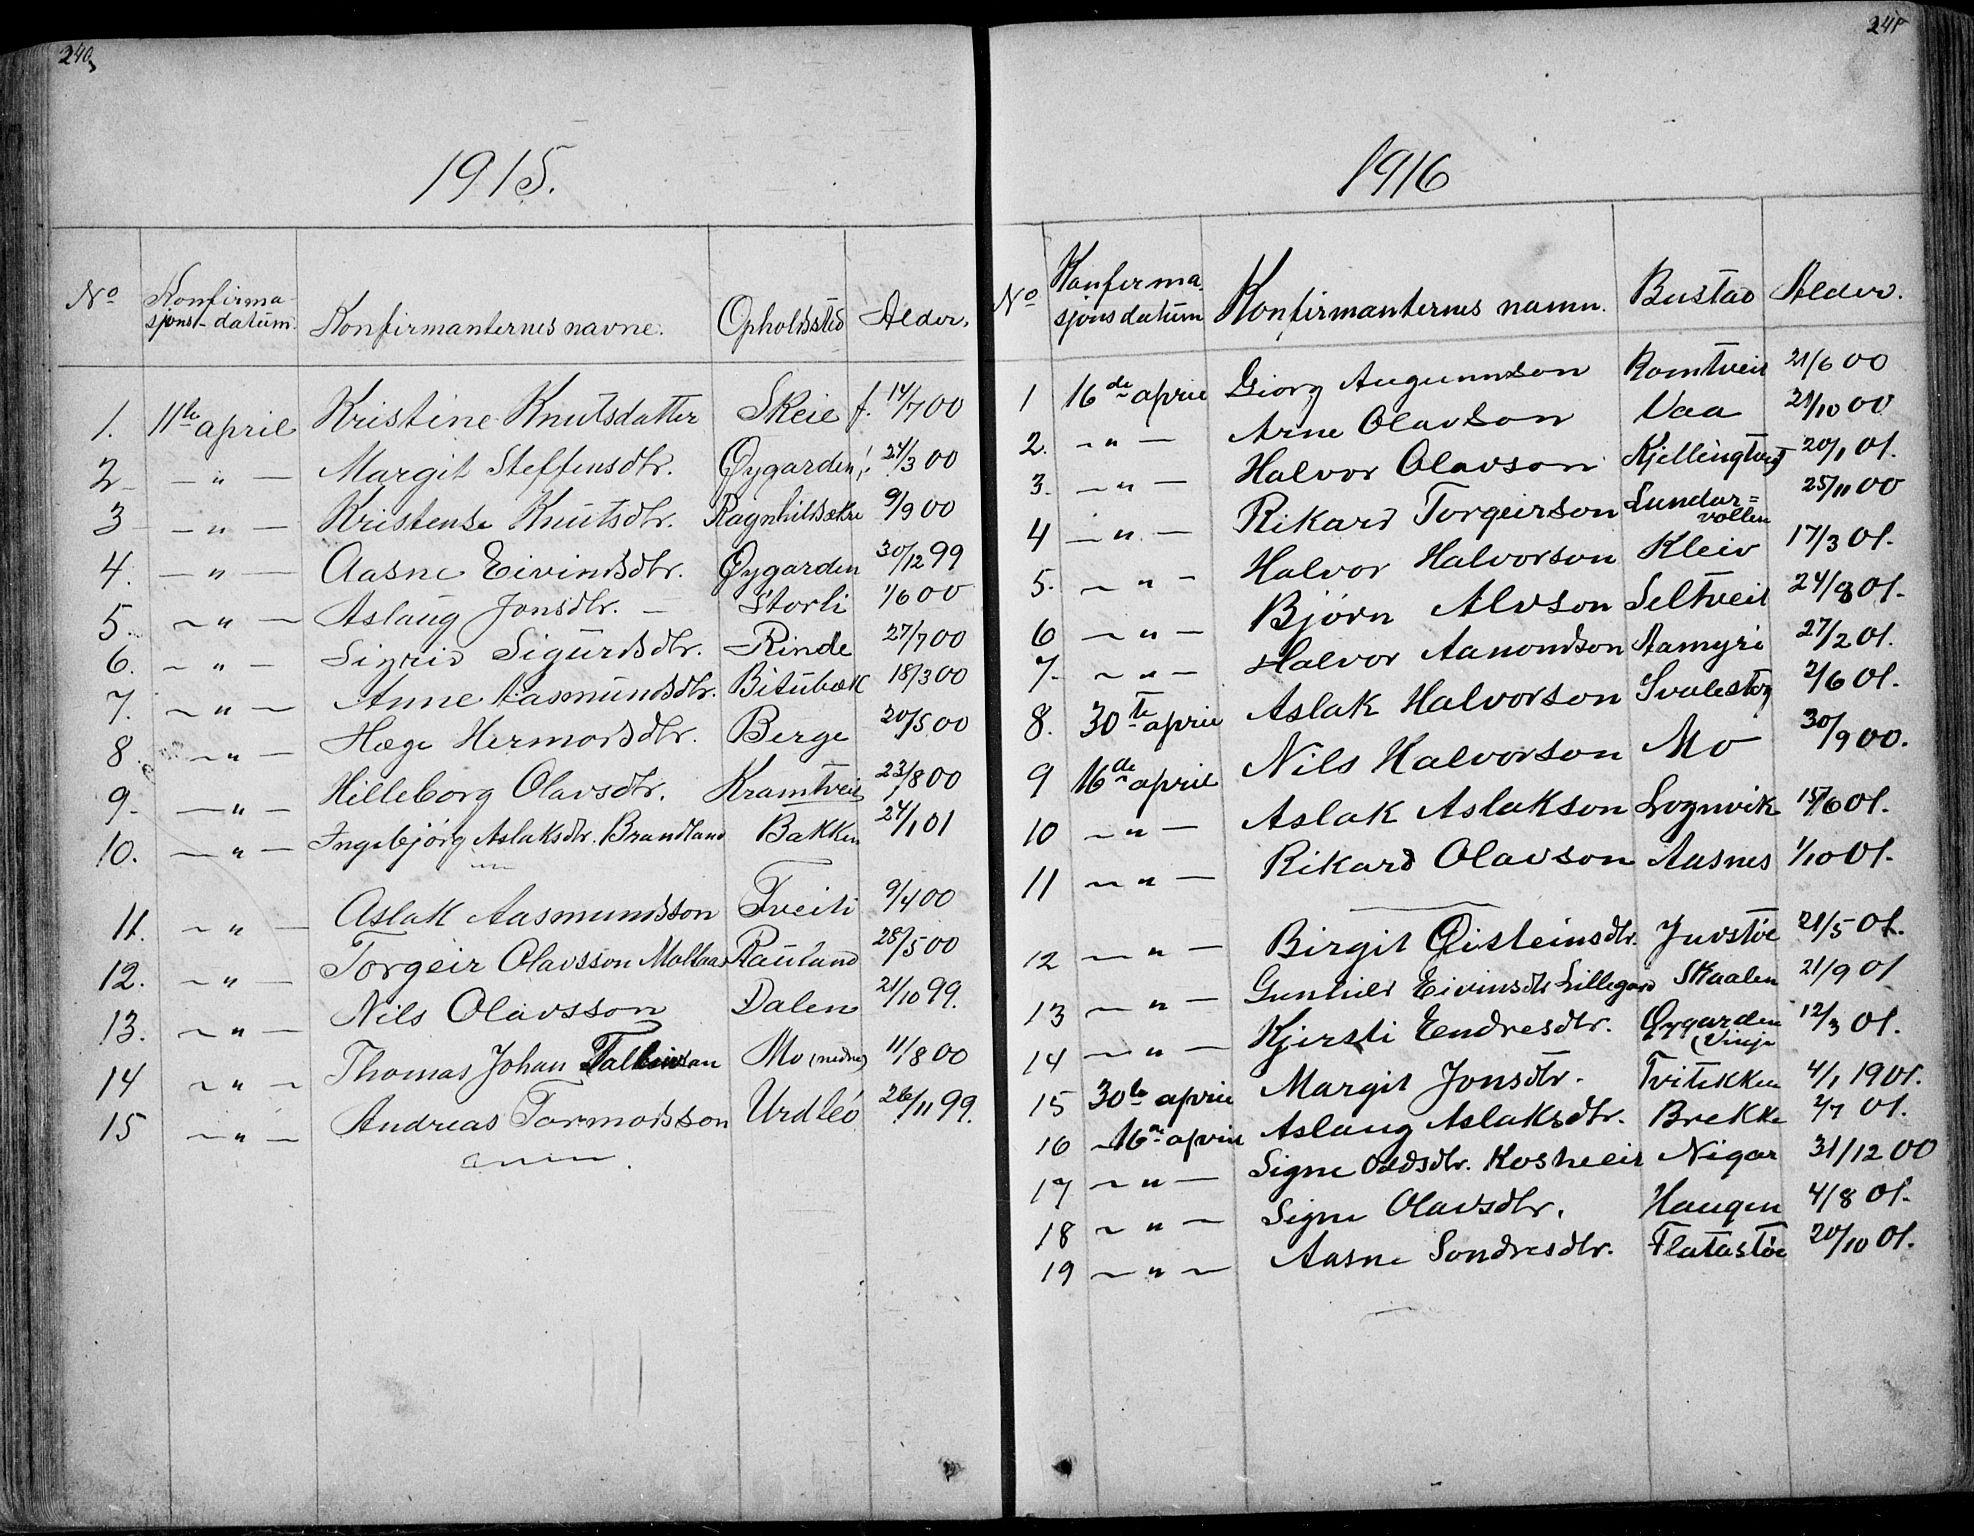 SAKO, Rauland kirkebøker, G/Ga/L0002: Klokkerbok nr. I 2, 1849-1935, s. 240-241